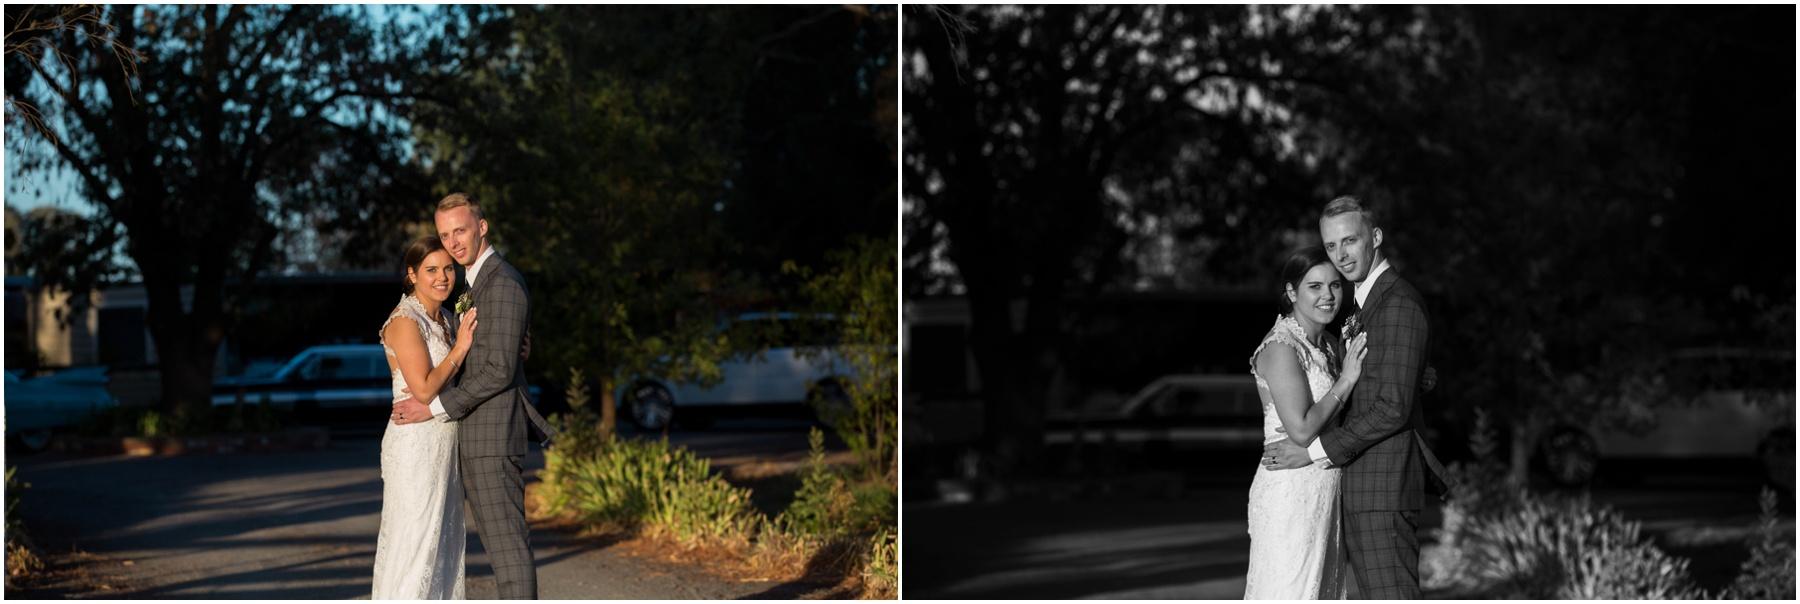 shepparton-photographer_0201.jpg